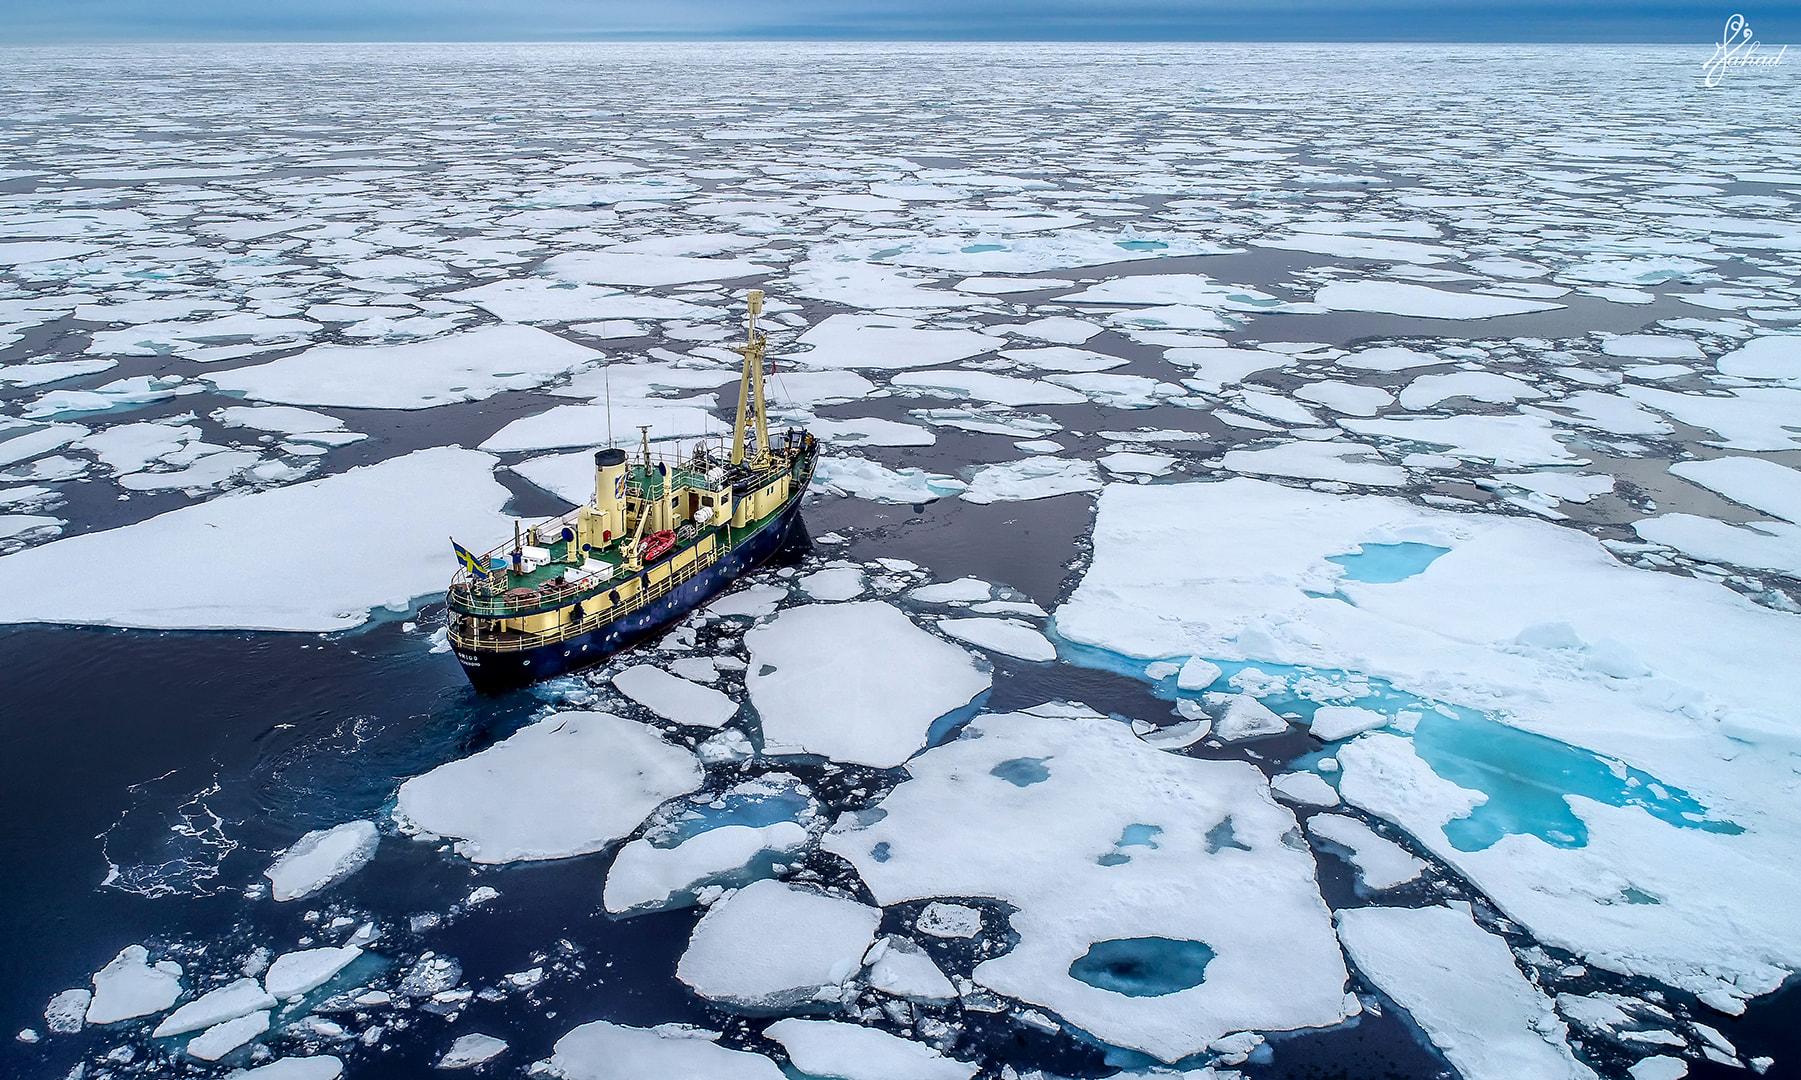 """""""تحت الصفر بين القطبين""""..كويتي يوثق أرخبيل قطبي تملؤه الدببة وحيث لا يمكن دفن الموتى"""